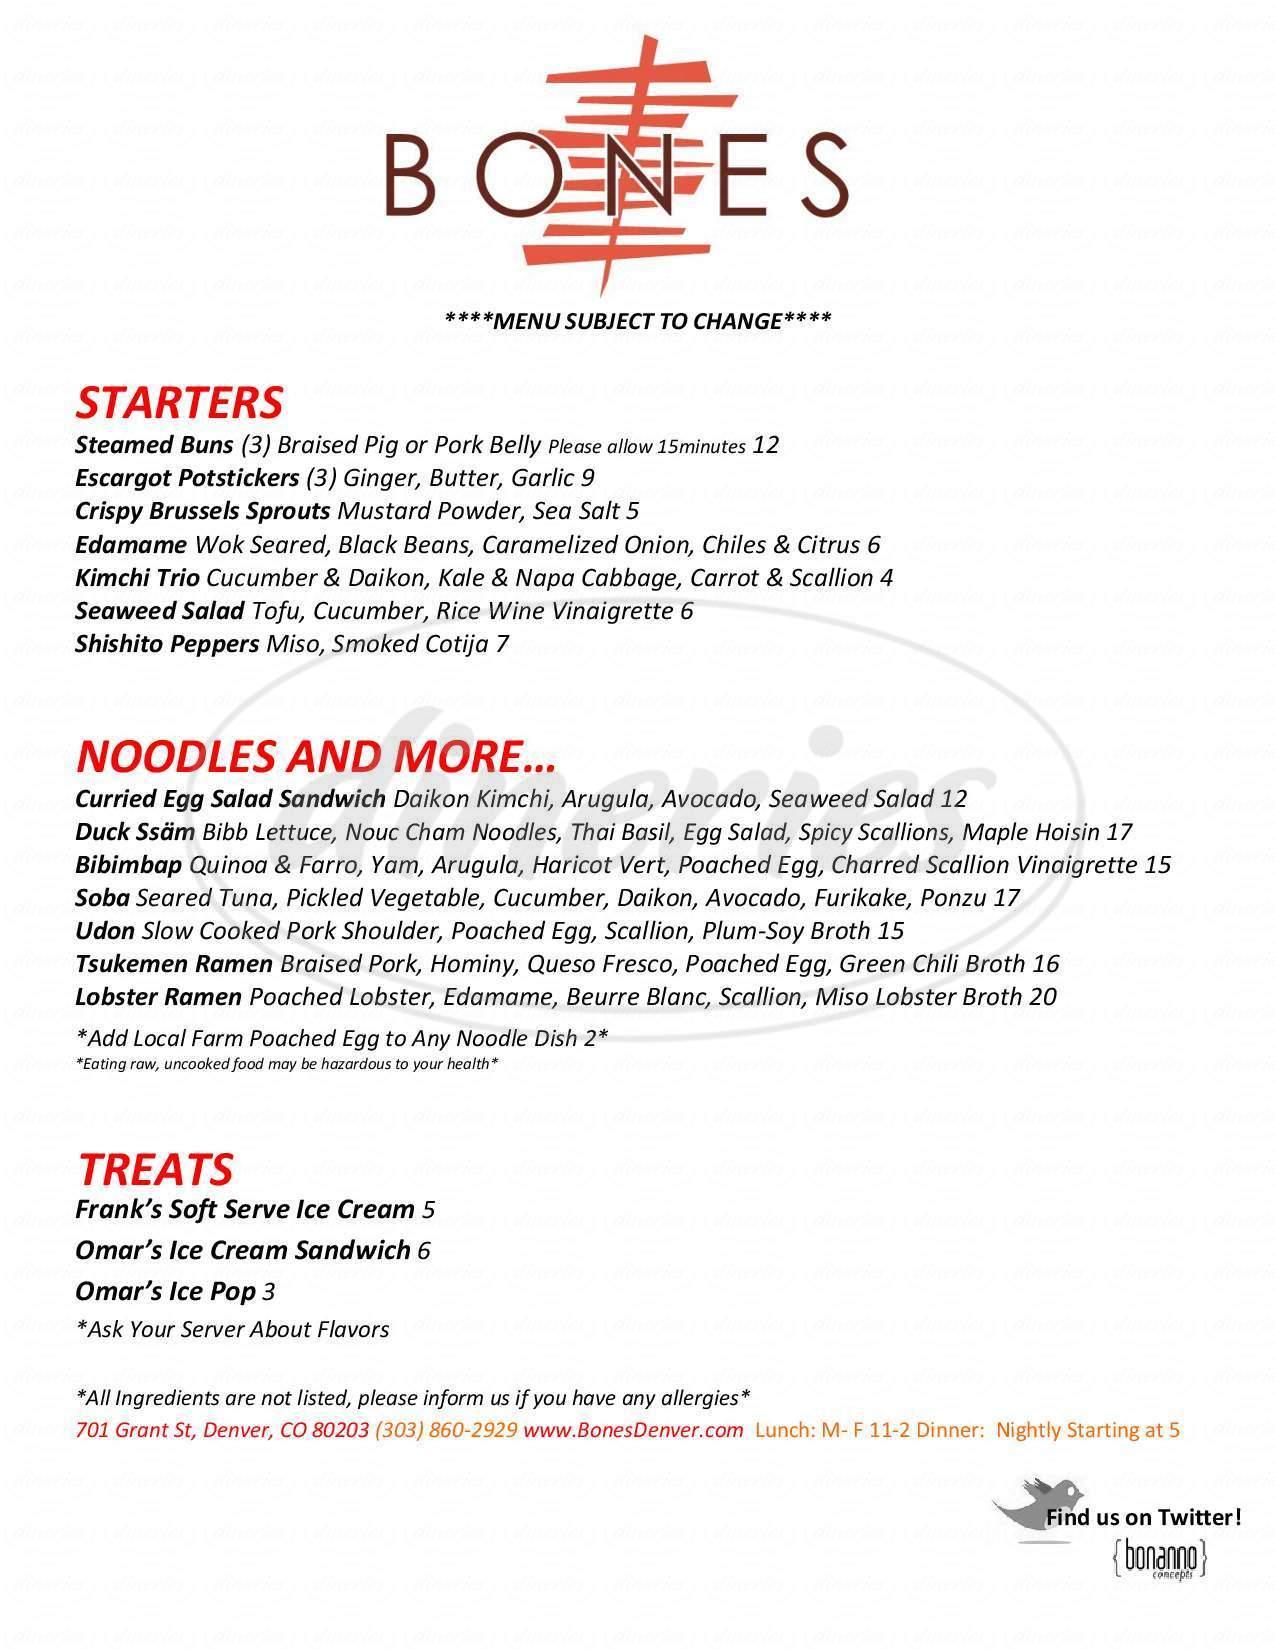 menu for Bones